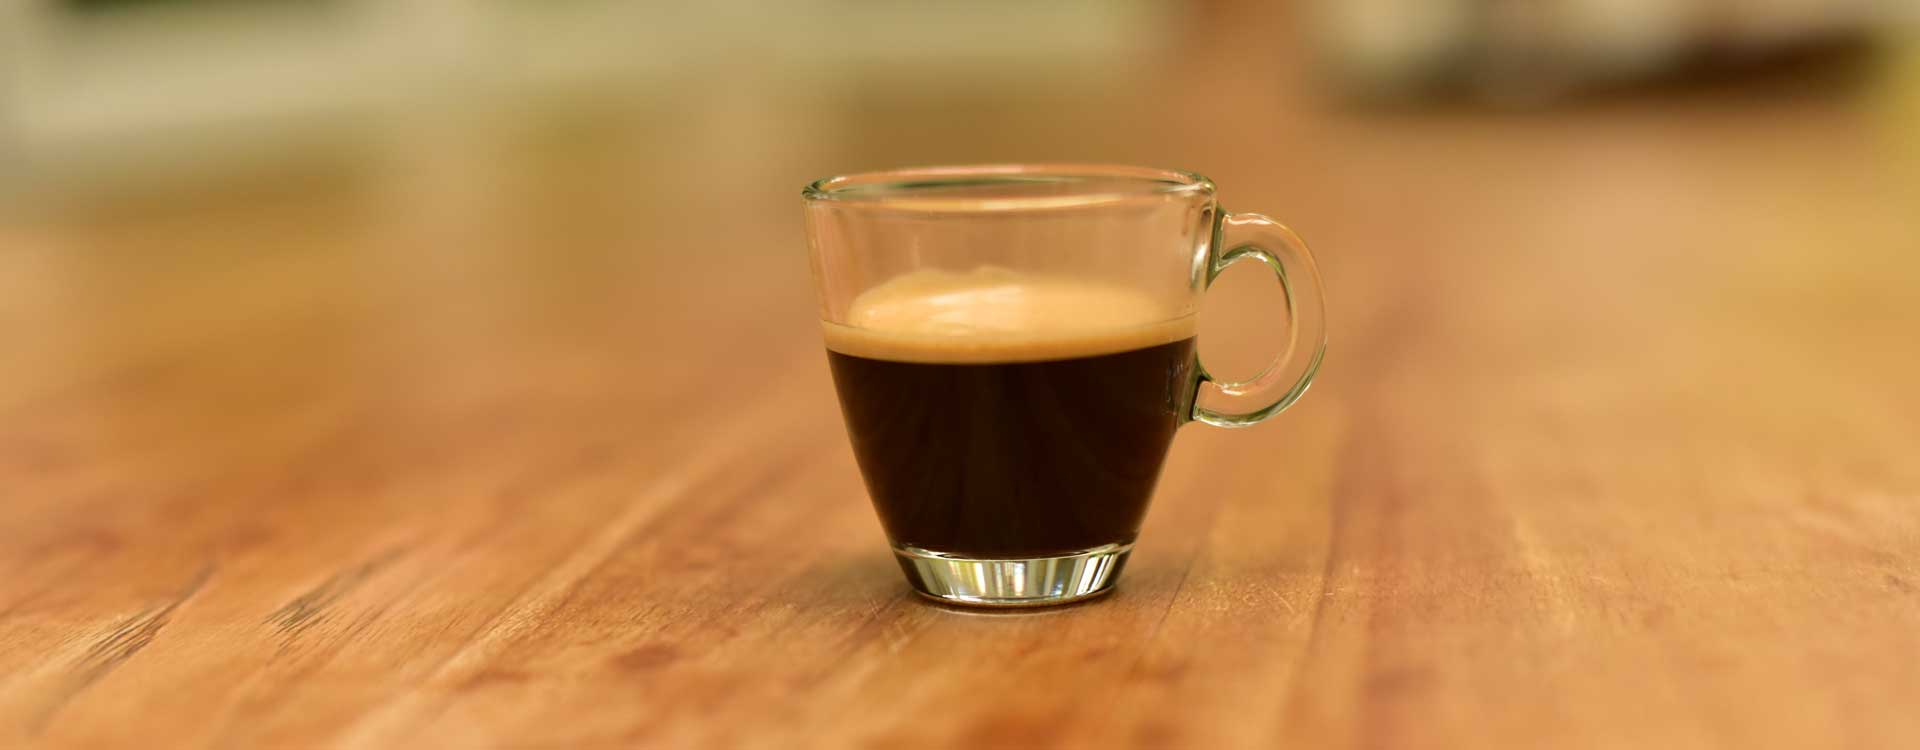 unterst tzen sie die arbeit von kaffeemaschine vergleichen. Black Bedroom Furniture Sets. Home Design Ideas